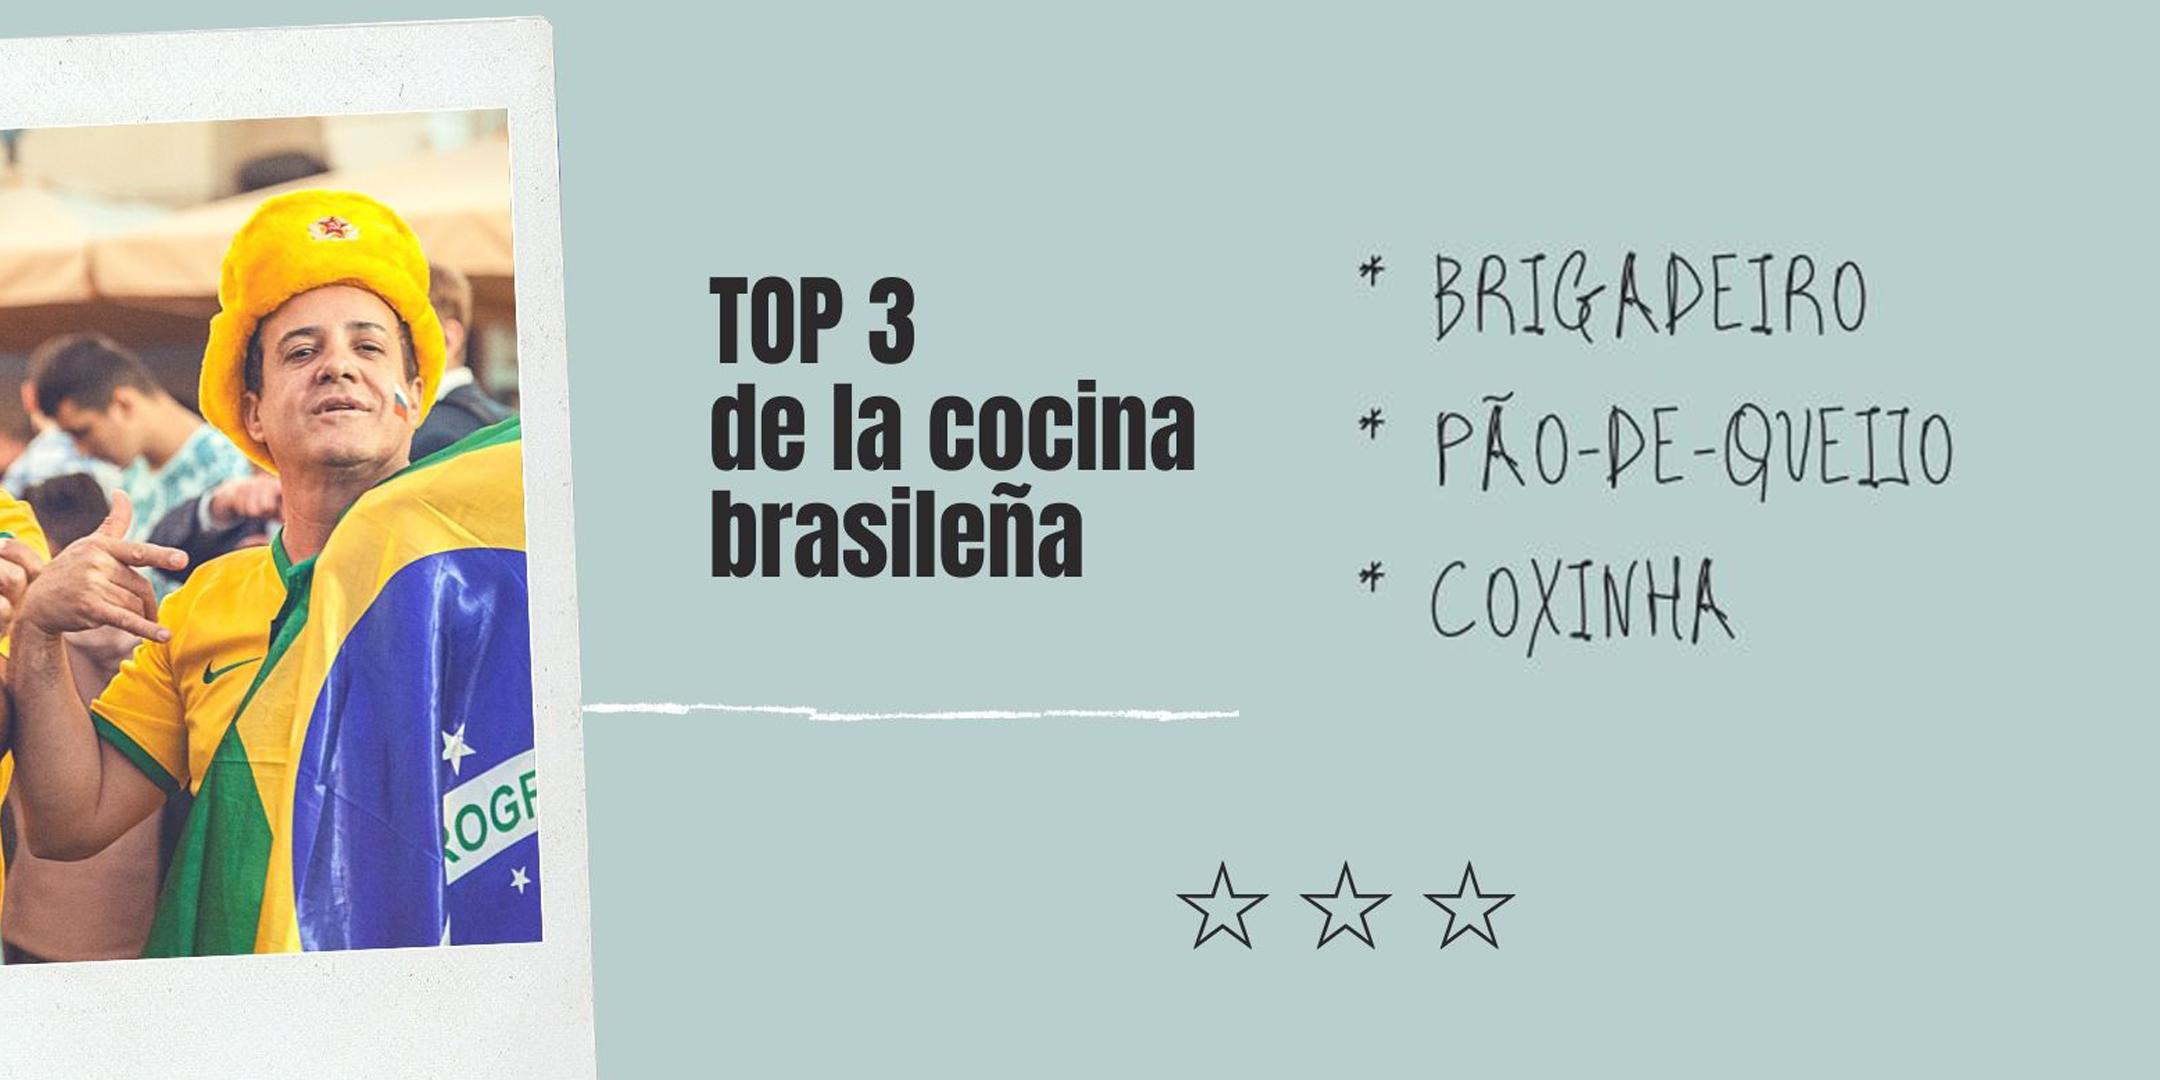 cocina brasileña, brigadeiro, pão-de-queijo y coxinha